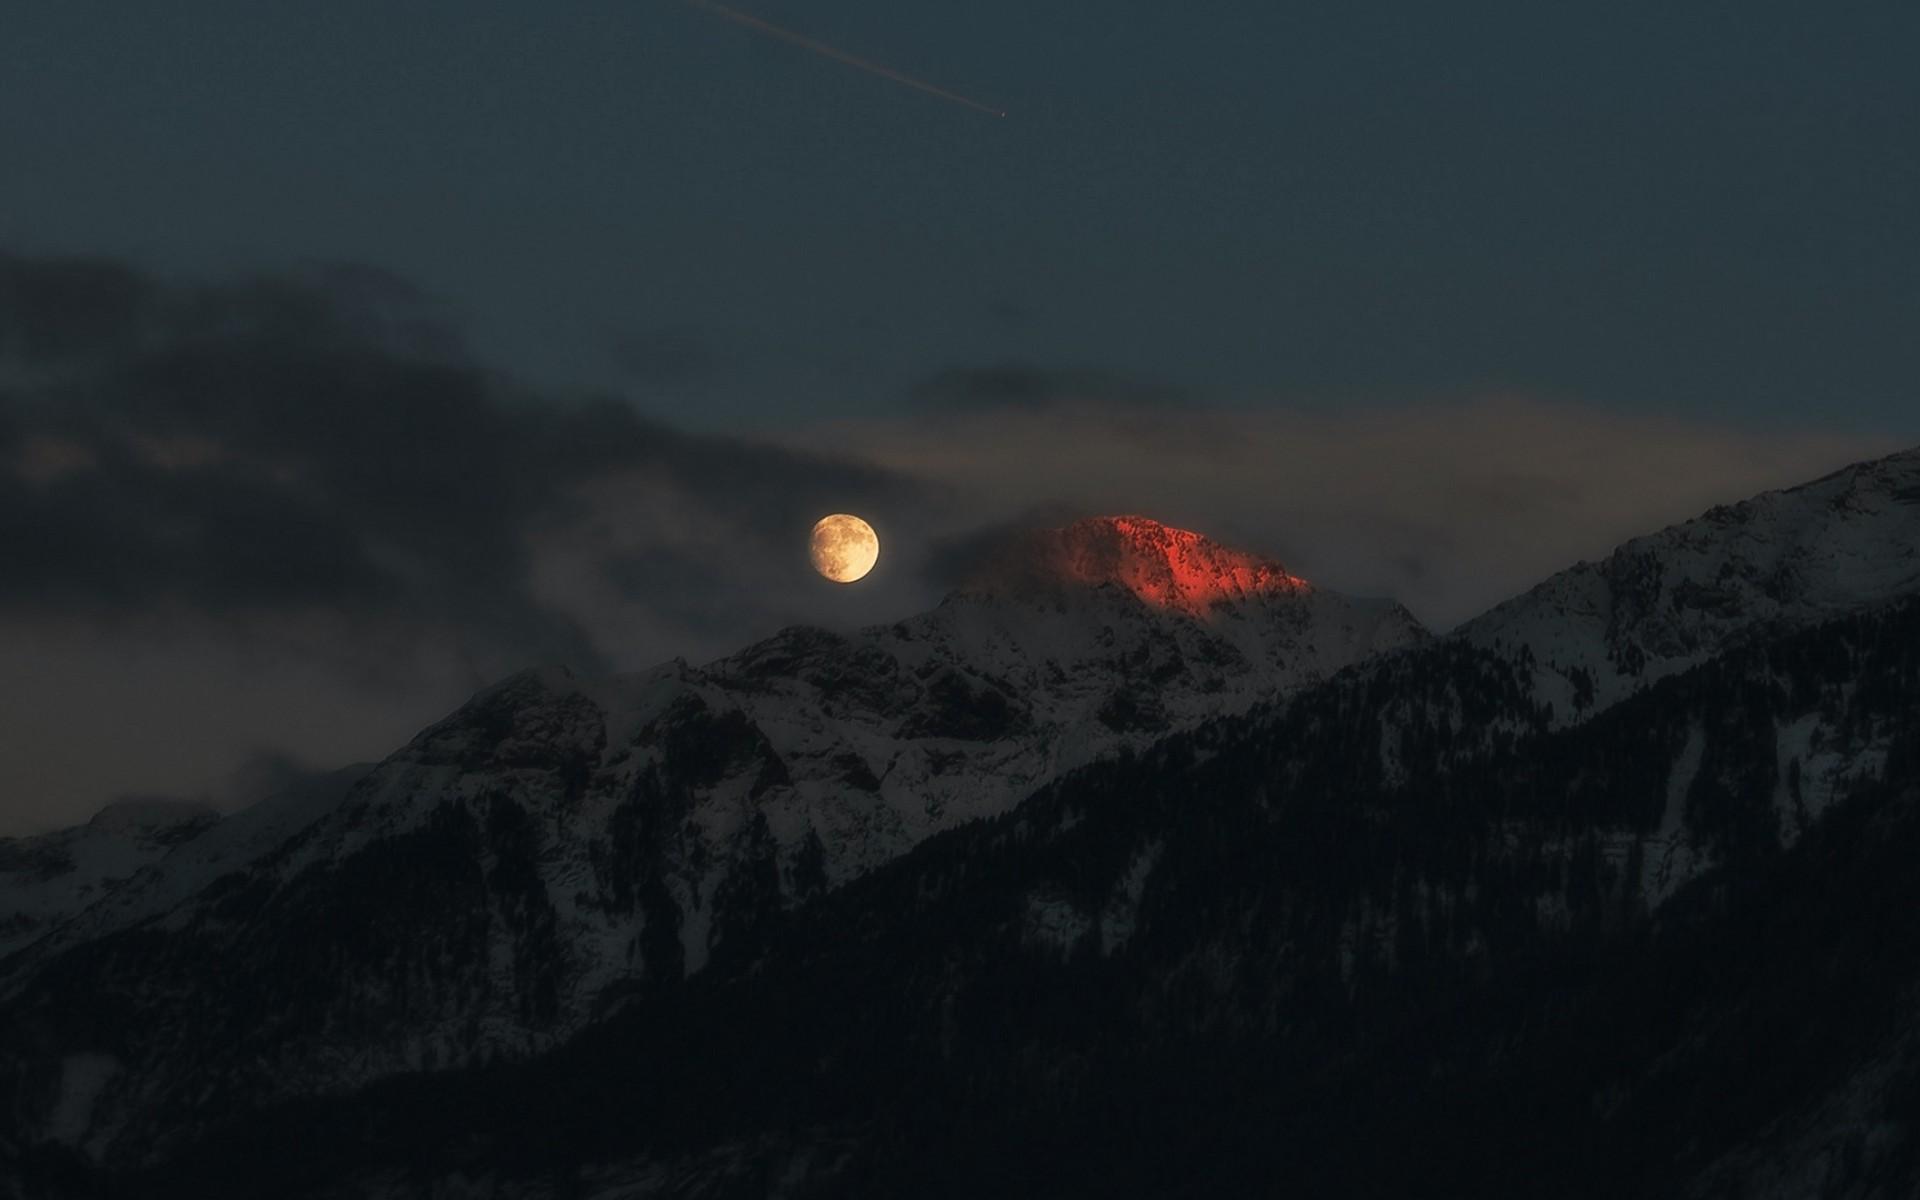 Ảnh trăng trên đỉnh núi đẹp nhất